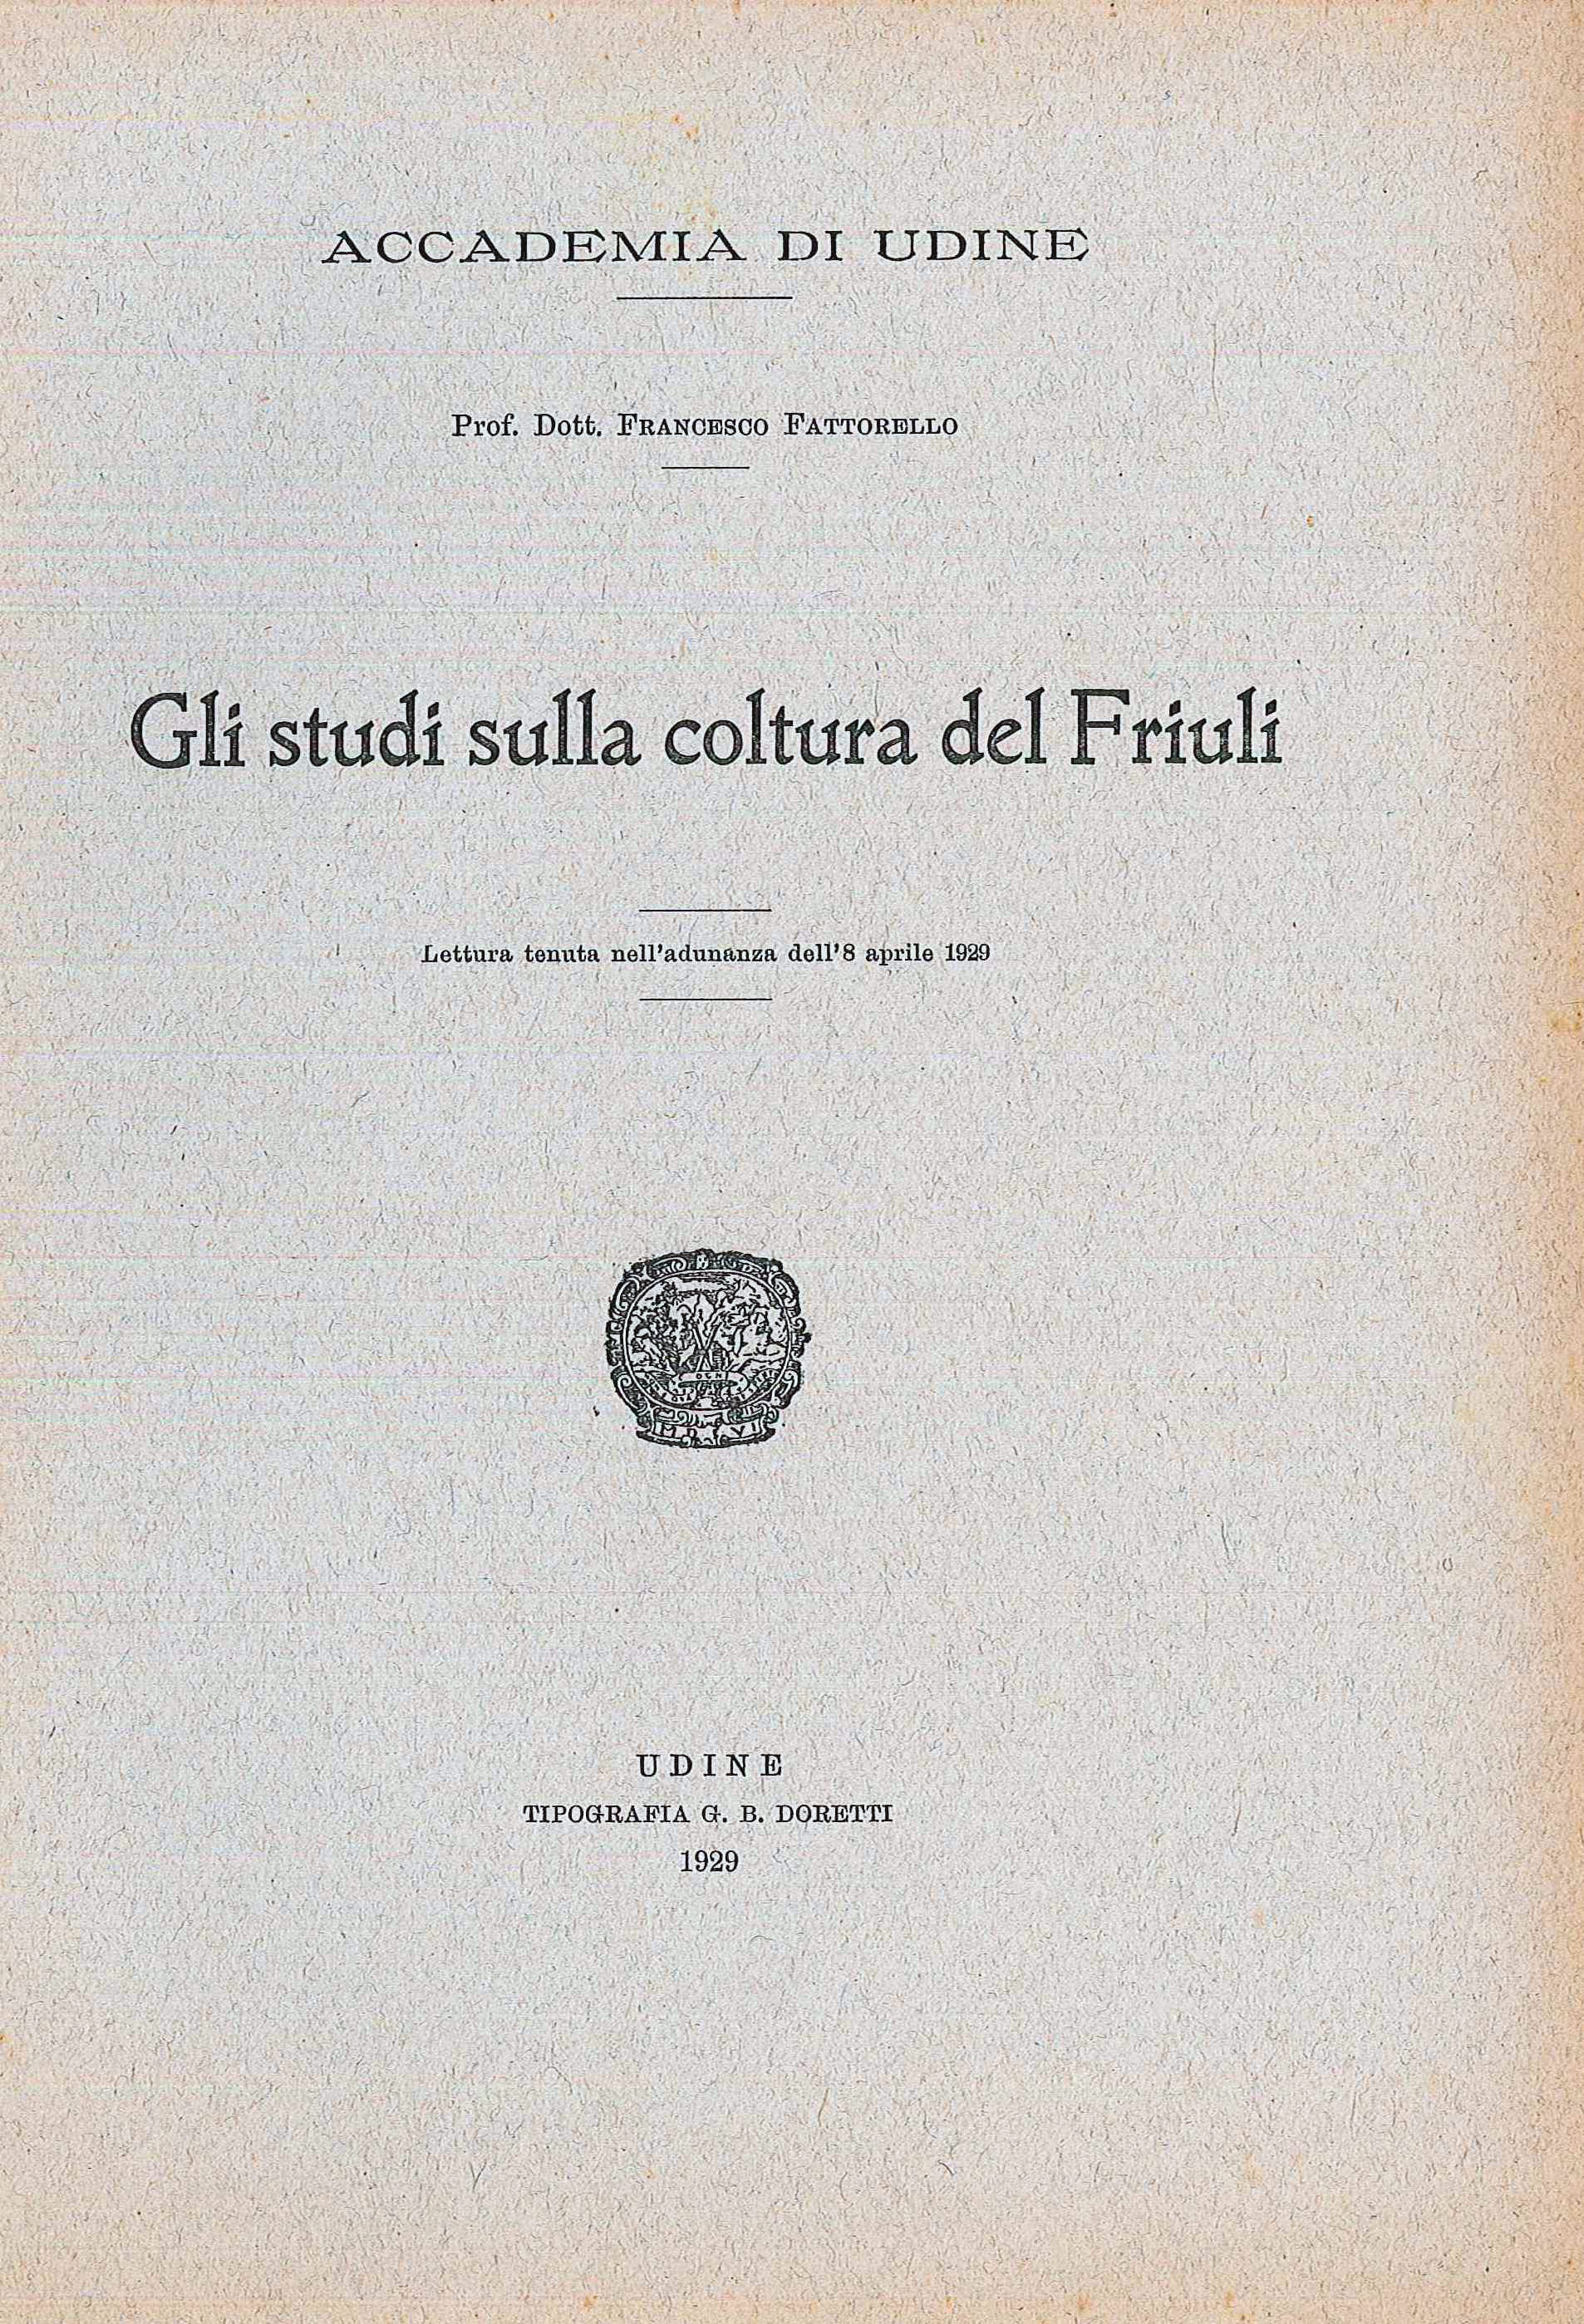 Gli studi sulla coltura del Friuli (Tiprografia G.B. Doretti - Udine 1929)